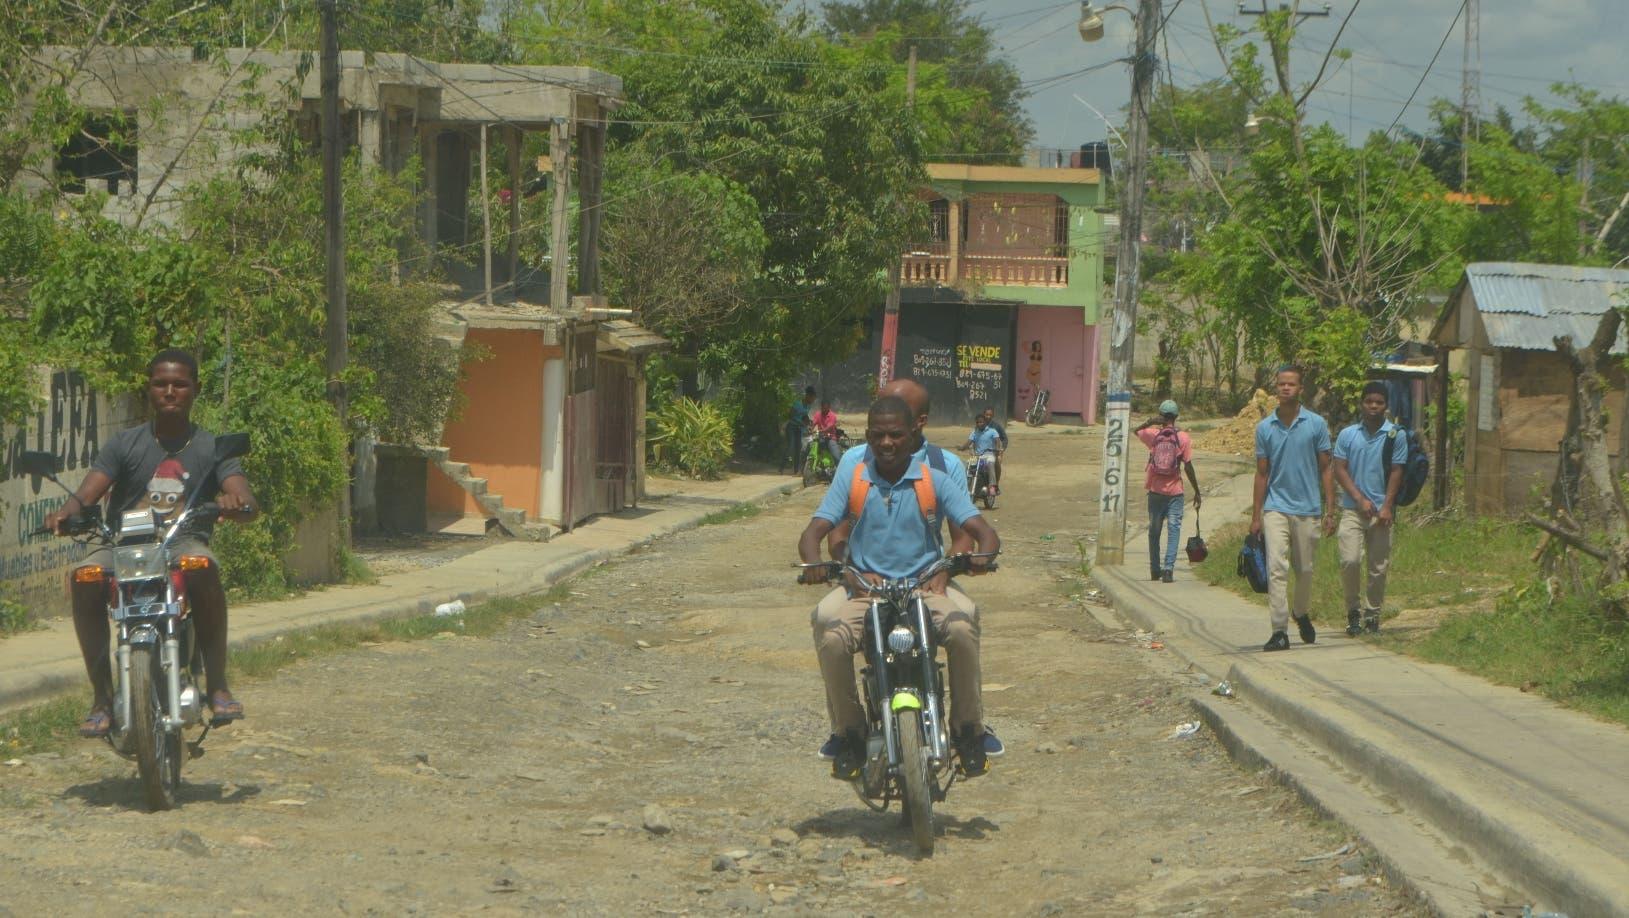 Los estudiantes y pobladores tienen que 'sortear' las malas condiciones de las vías para llegar a su  destino .  ANA MÁRMOL